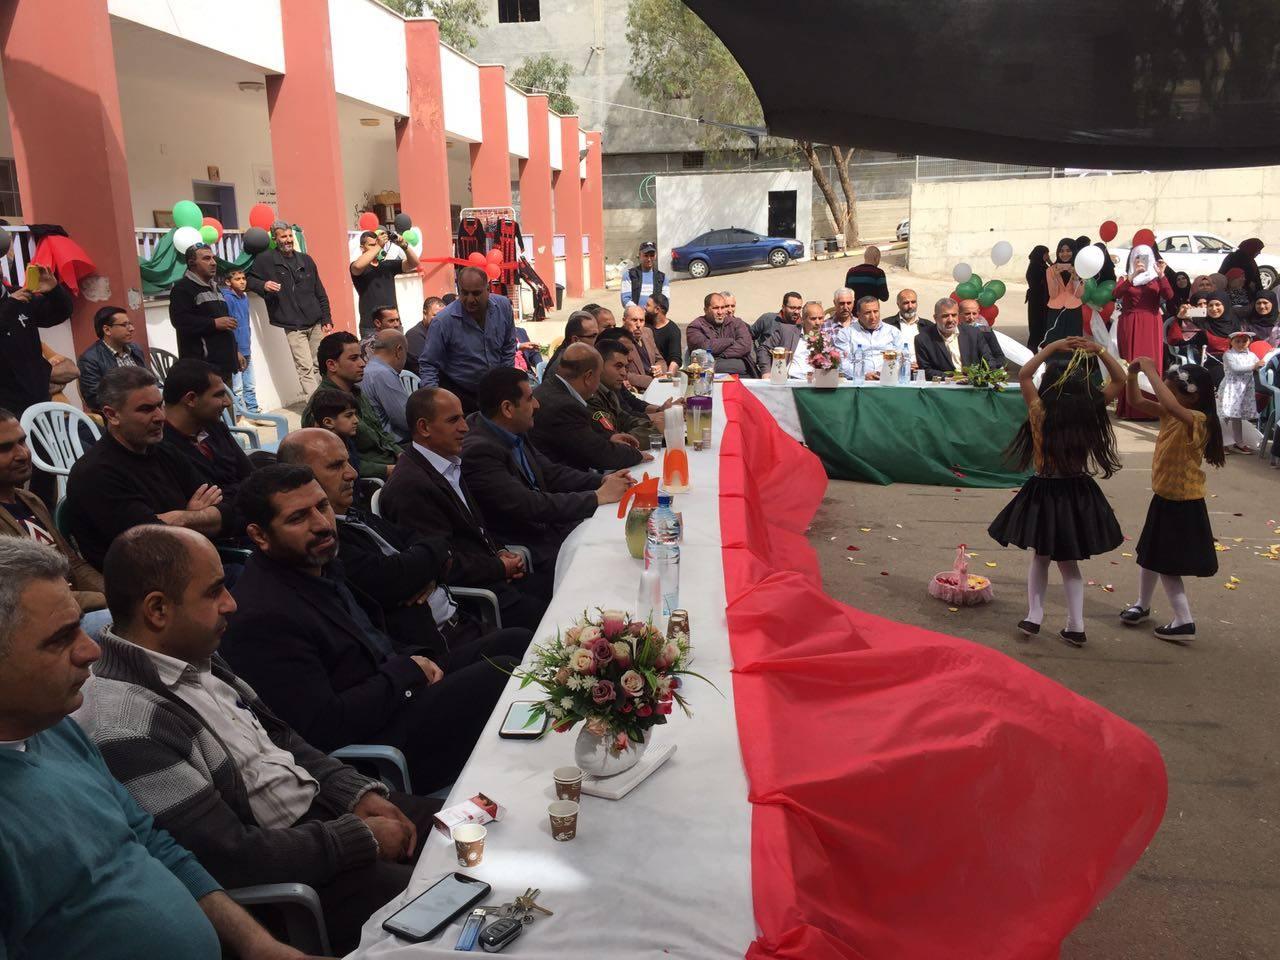 بالتعاون مع بلدية برطعة مدرسة بنات برطعة الاساسية تفتتح بازار نعم للمنتج الوطني باليوم المفتوح.